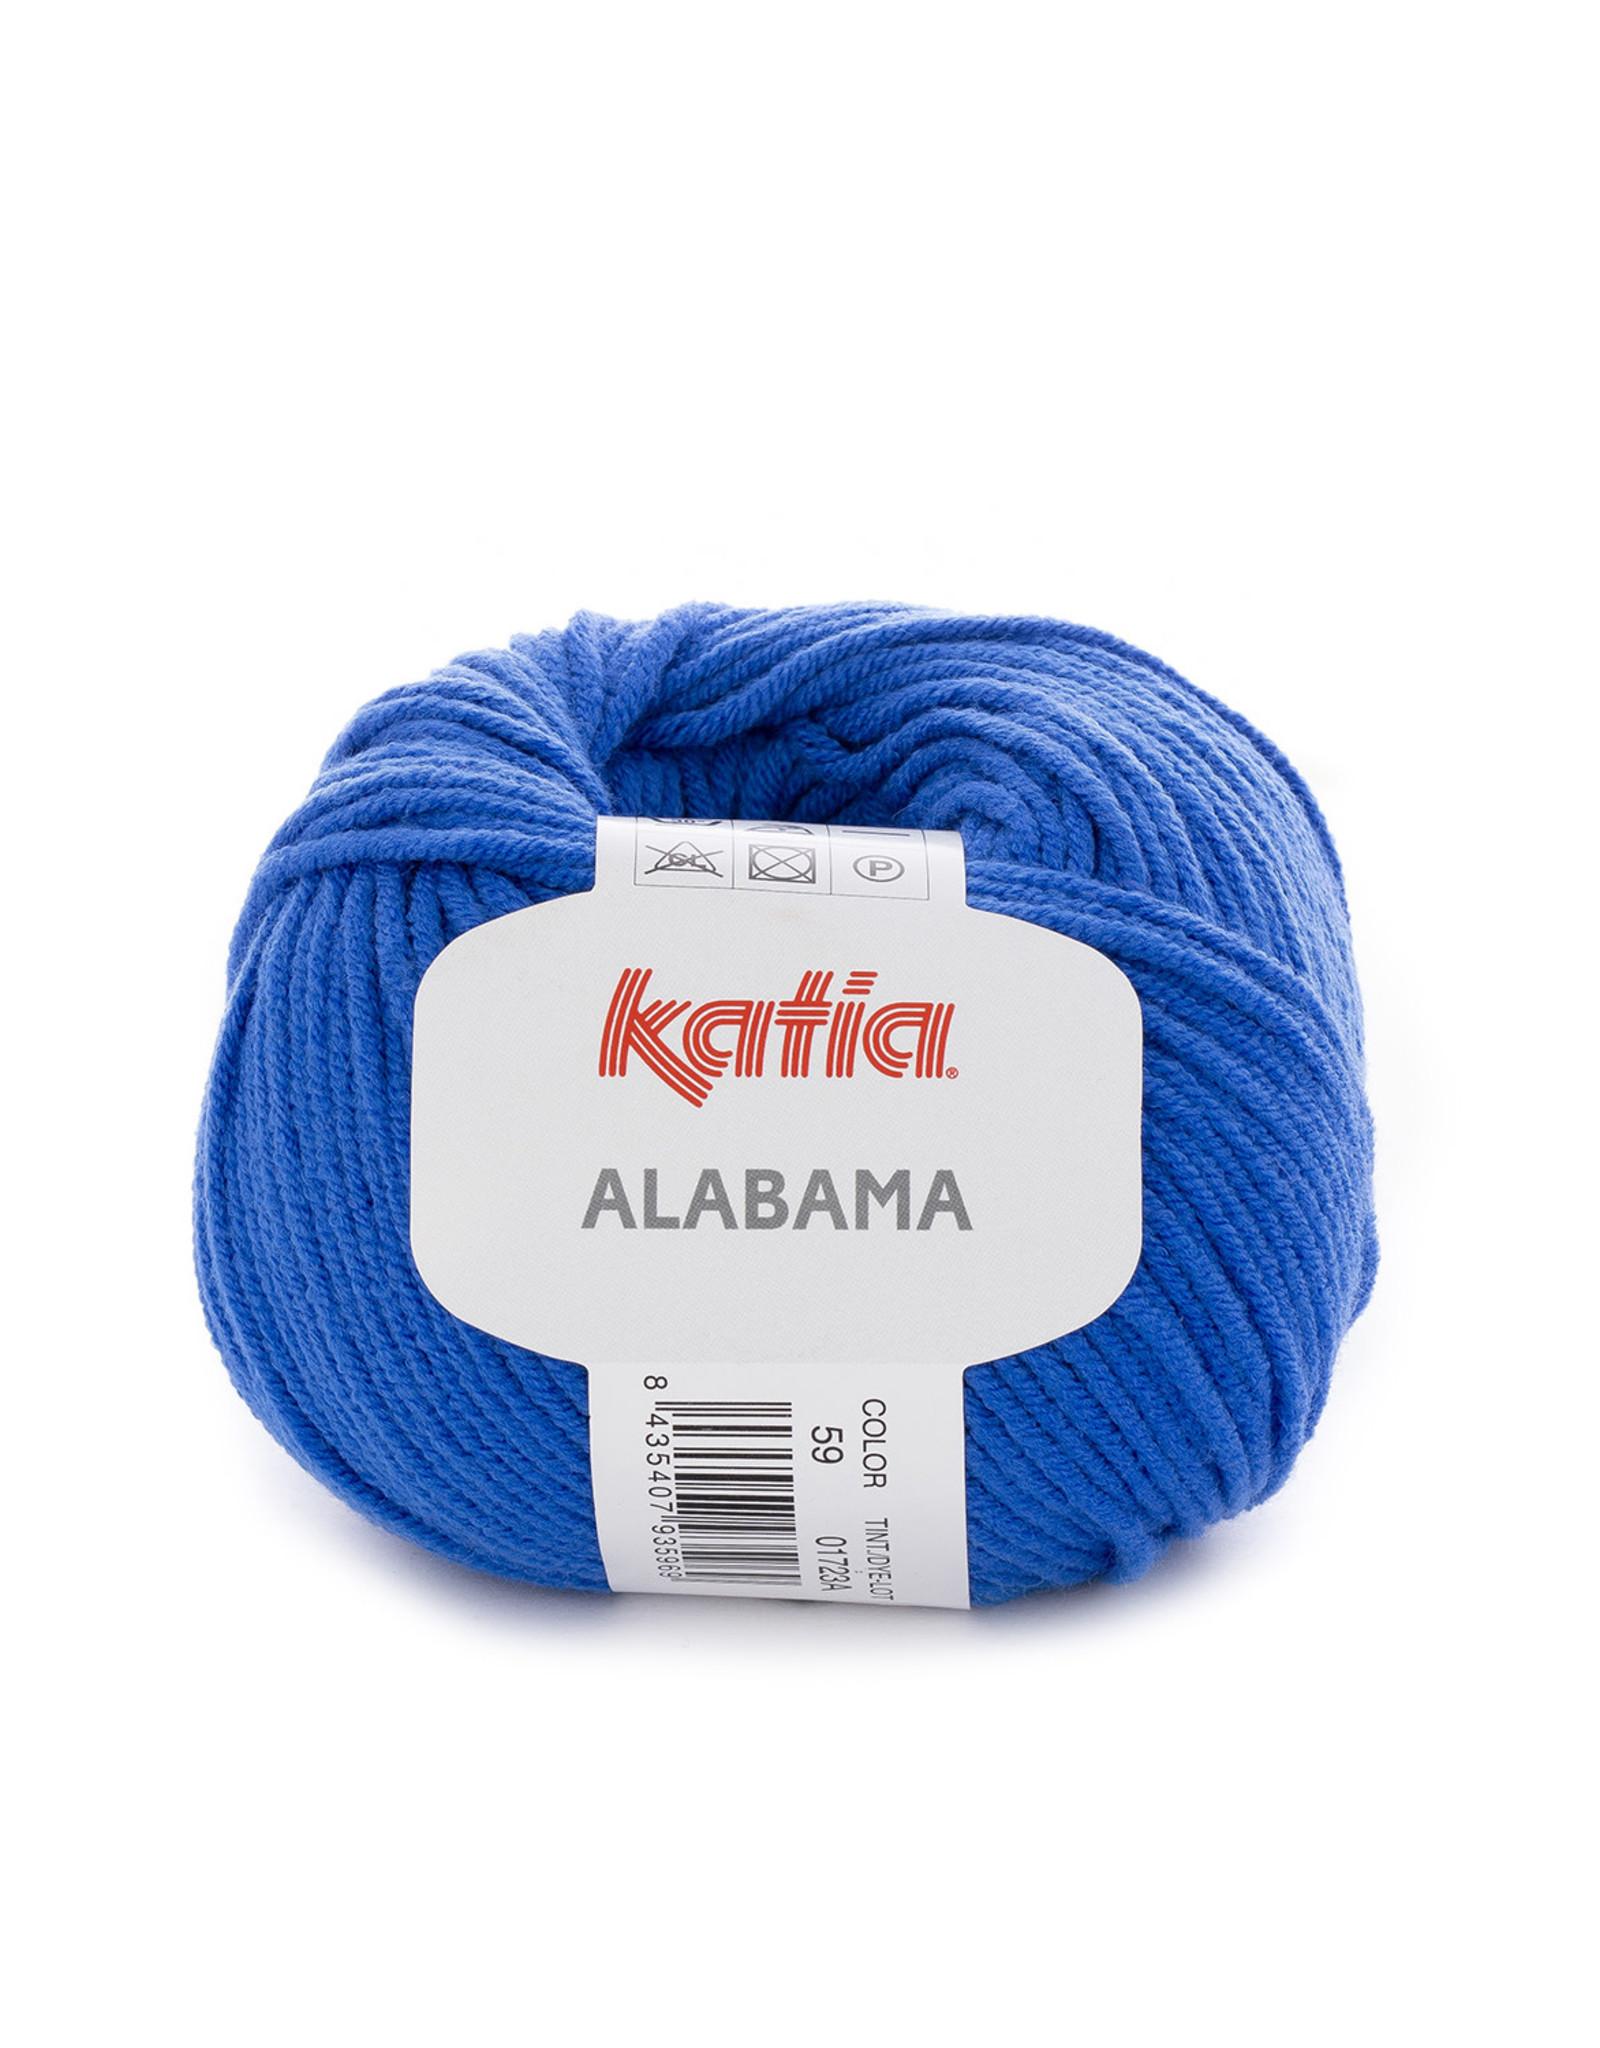 Katia Katia Alabama 59 nachtblauw